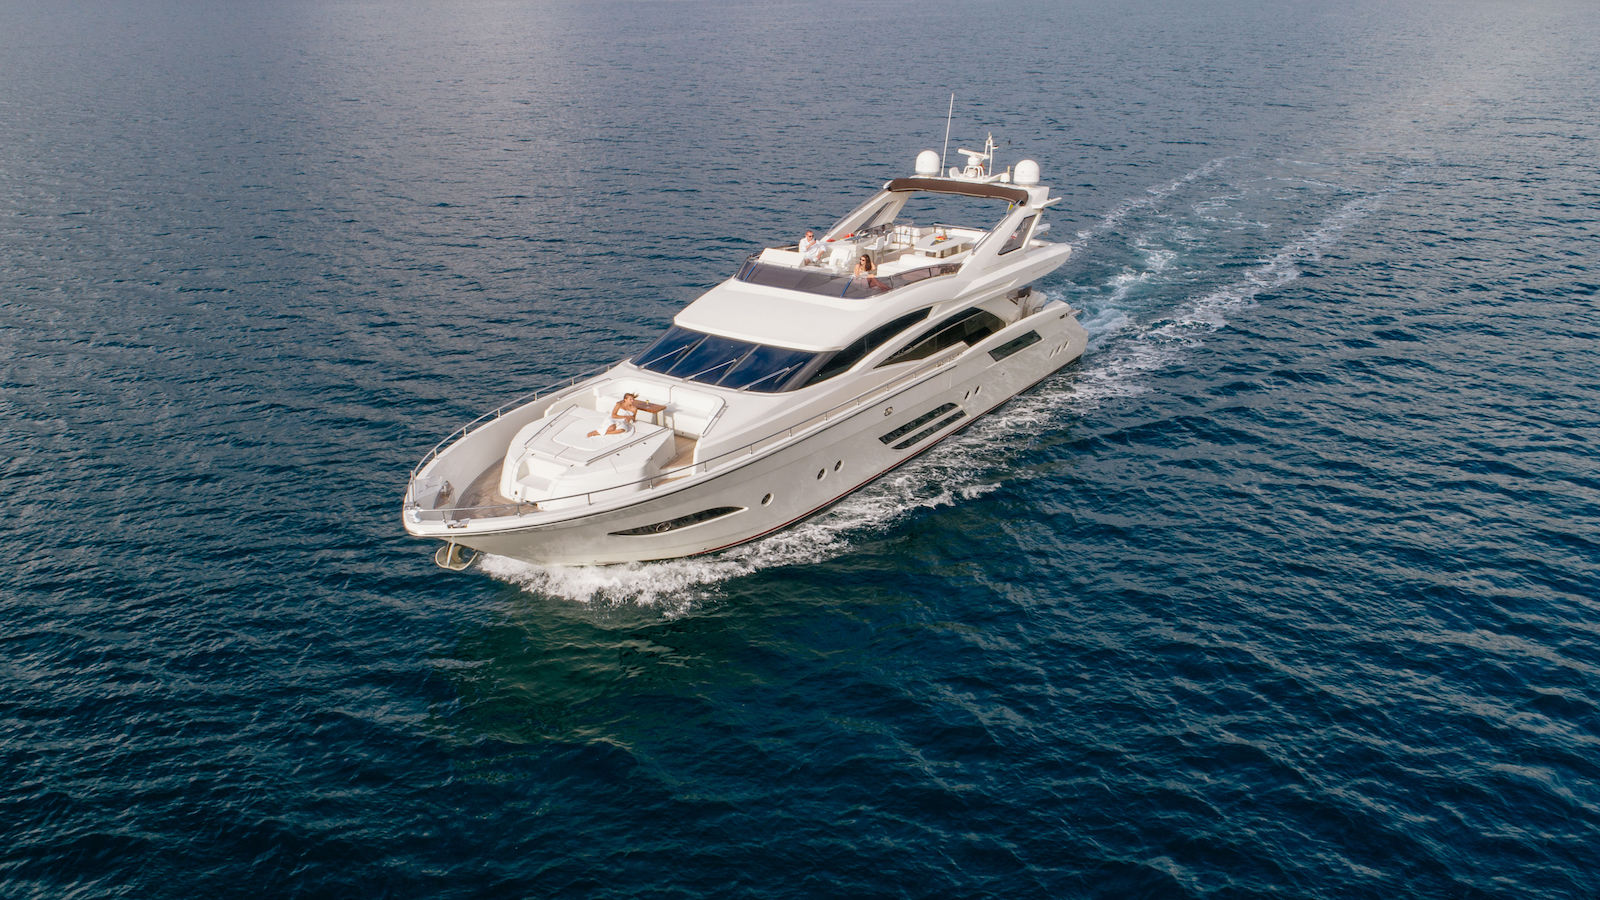 Saint Anna 1 Yacht for Charter - IYC